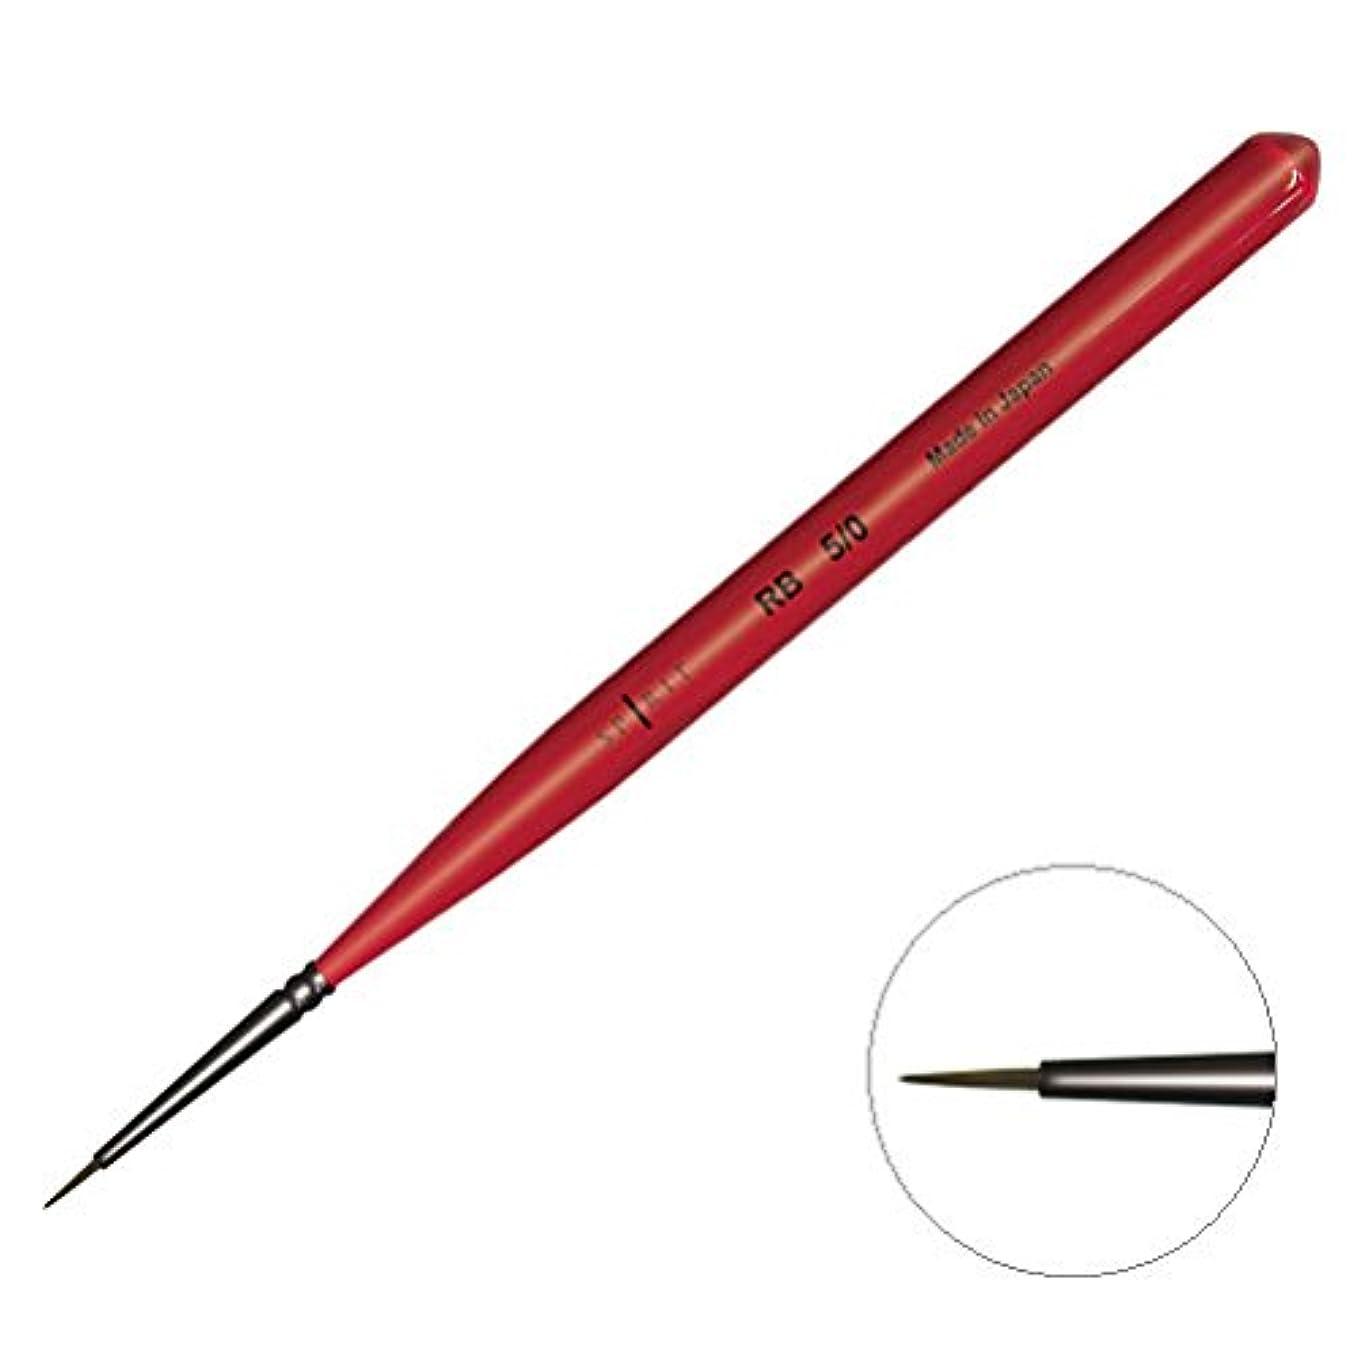 姓禁止する若いプリジェル ネイルブラシ RB 5/0 アート用筆 SP5-0